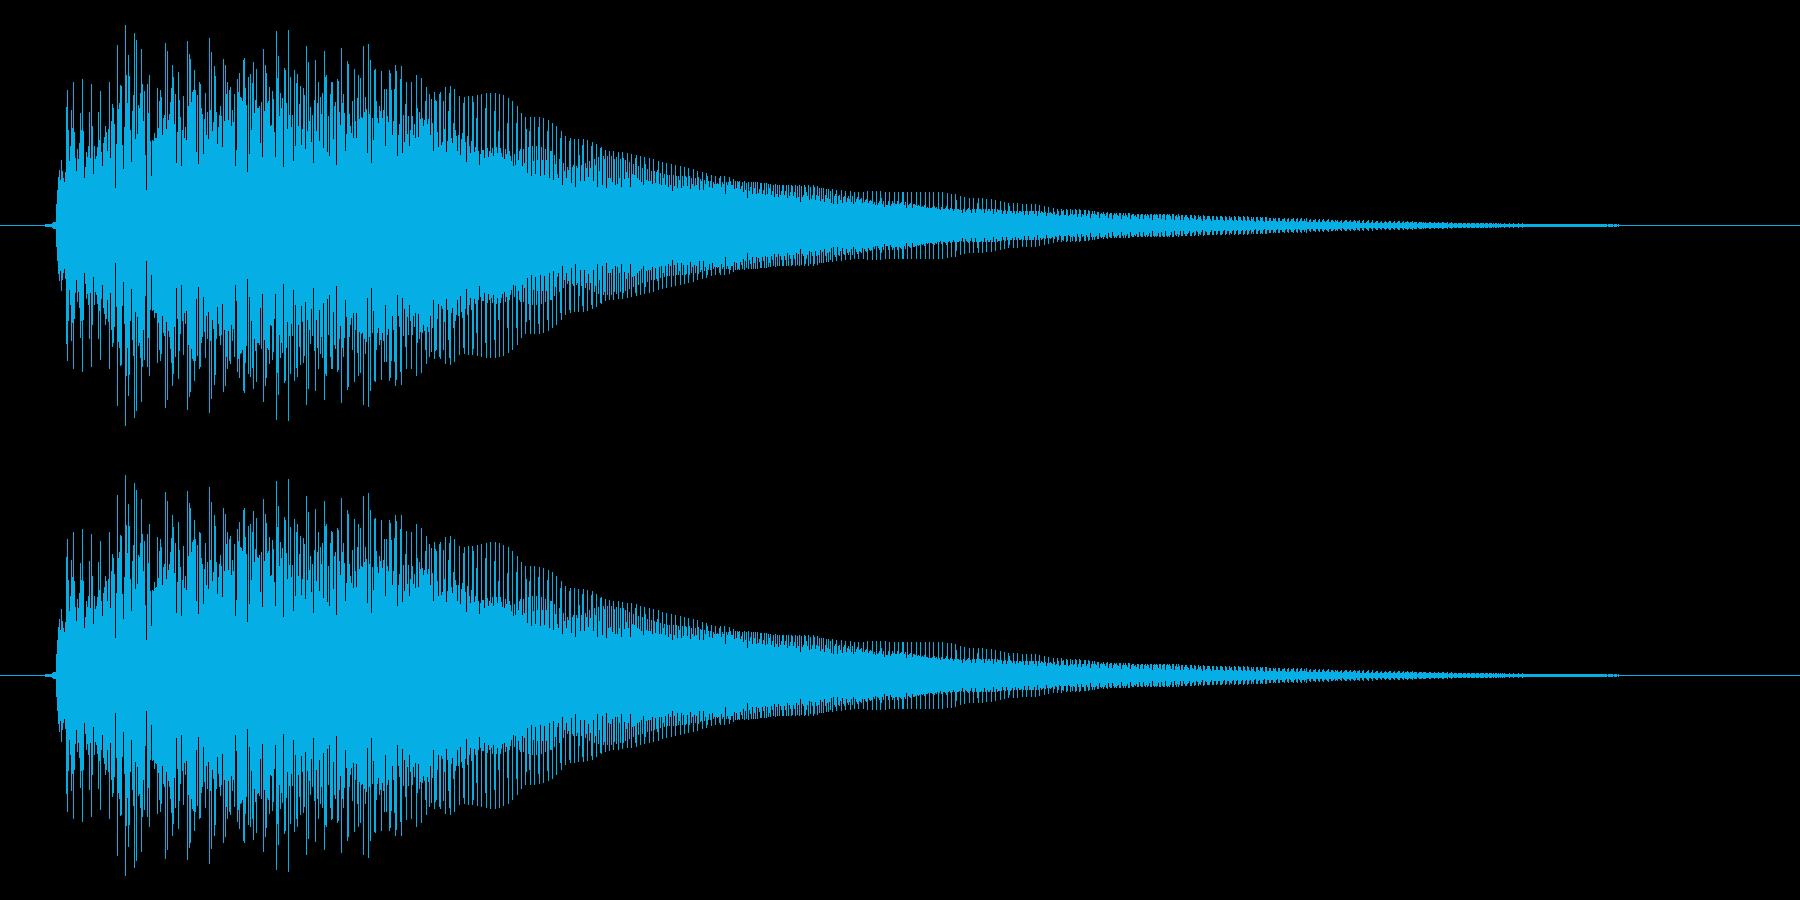 キュイン/SF系/決定の再生済みの波形